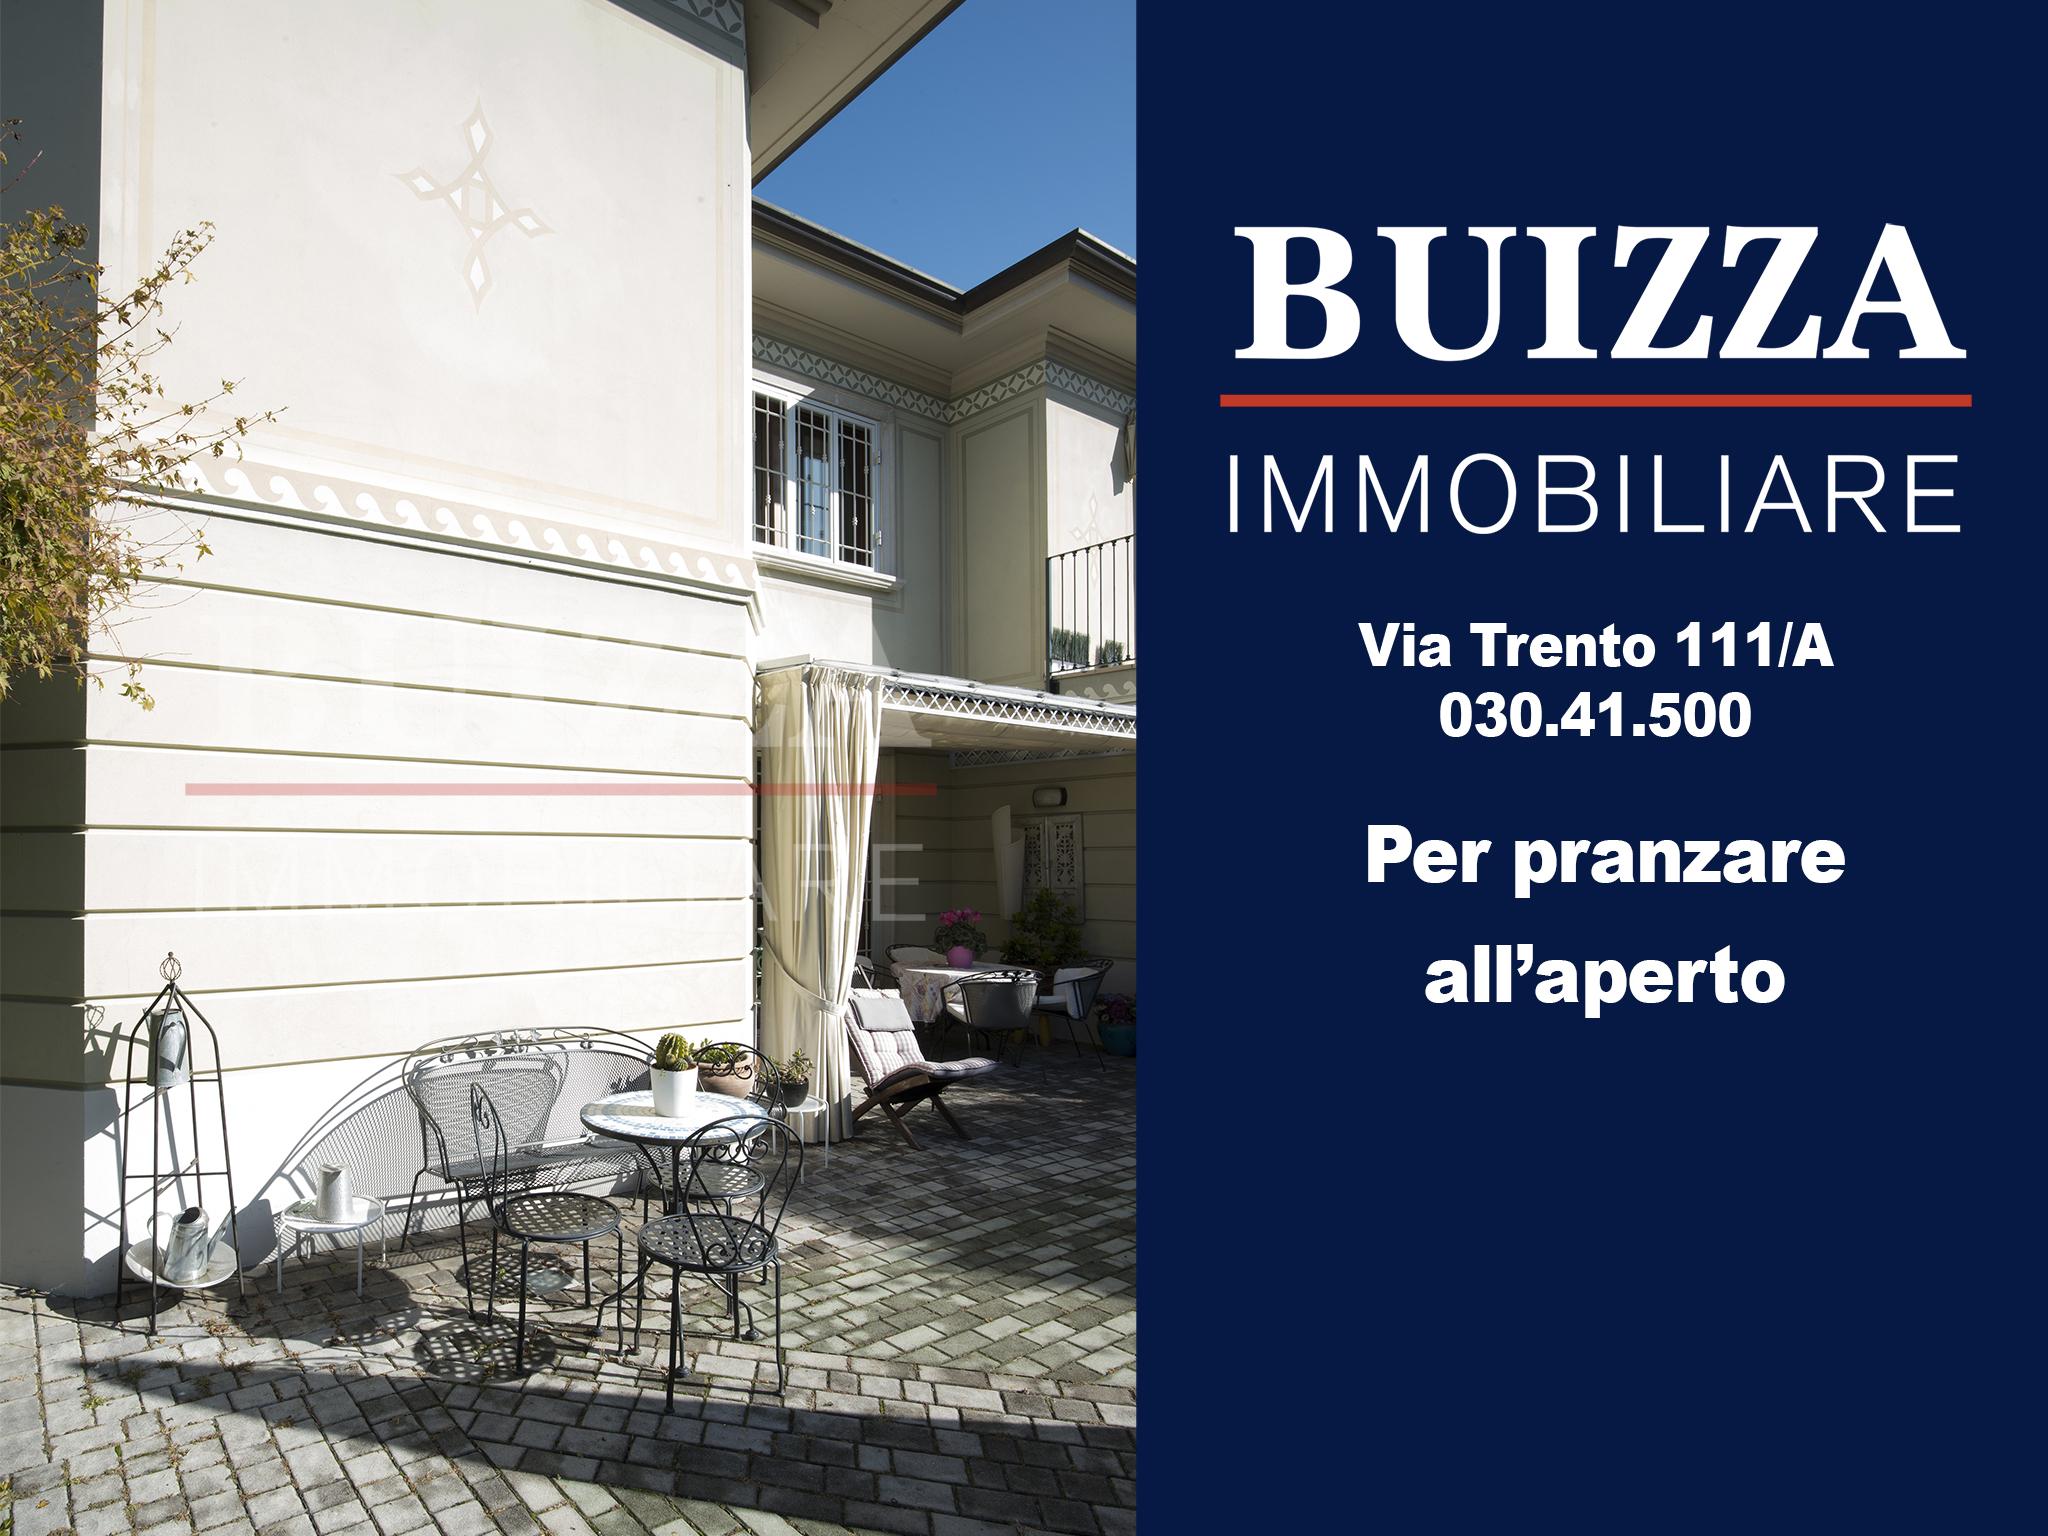 Immobiliare Sant Andrea Concorezzo 6330 – concesio sant'andrea – villa nel verde | buizza